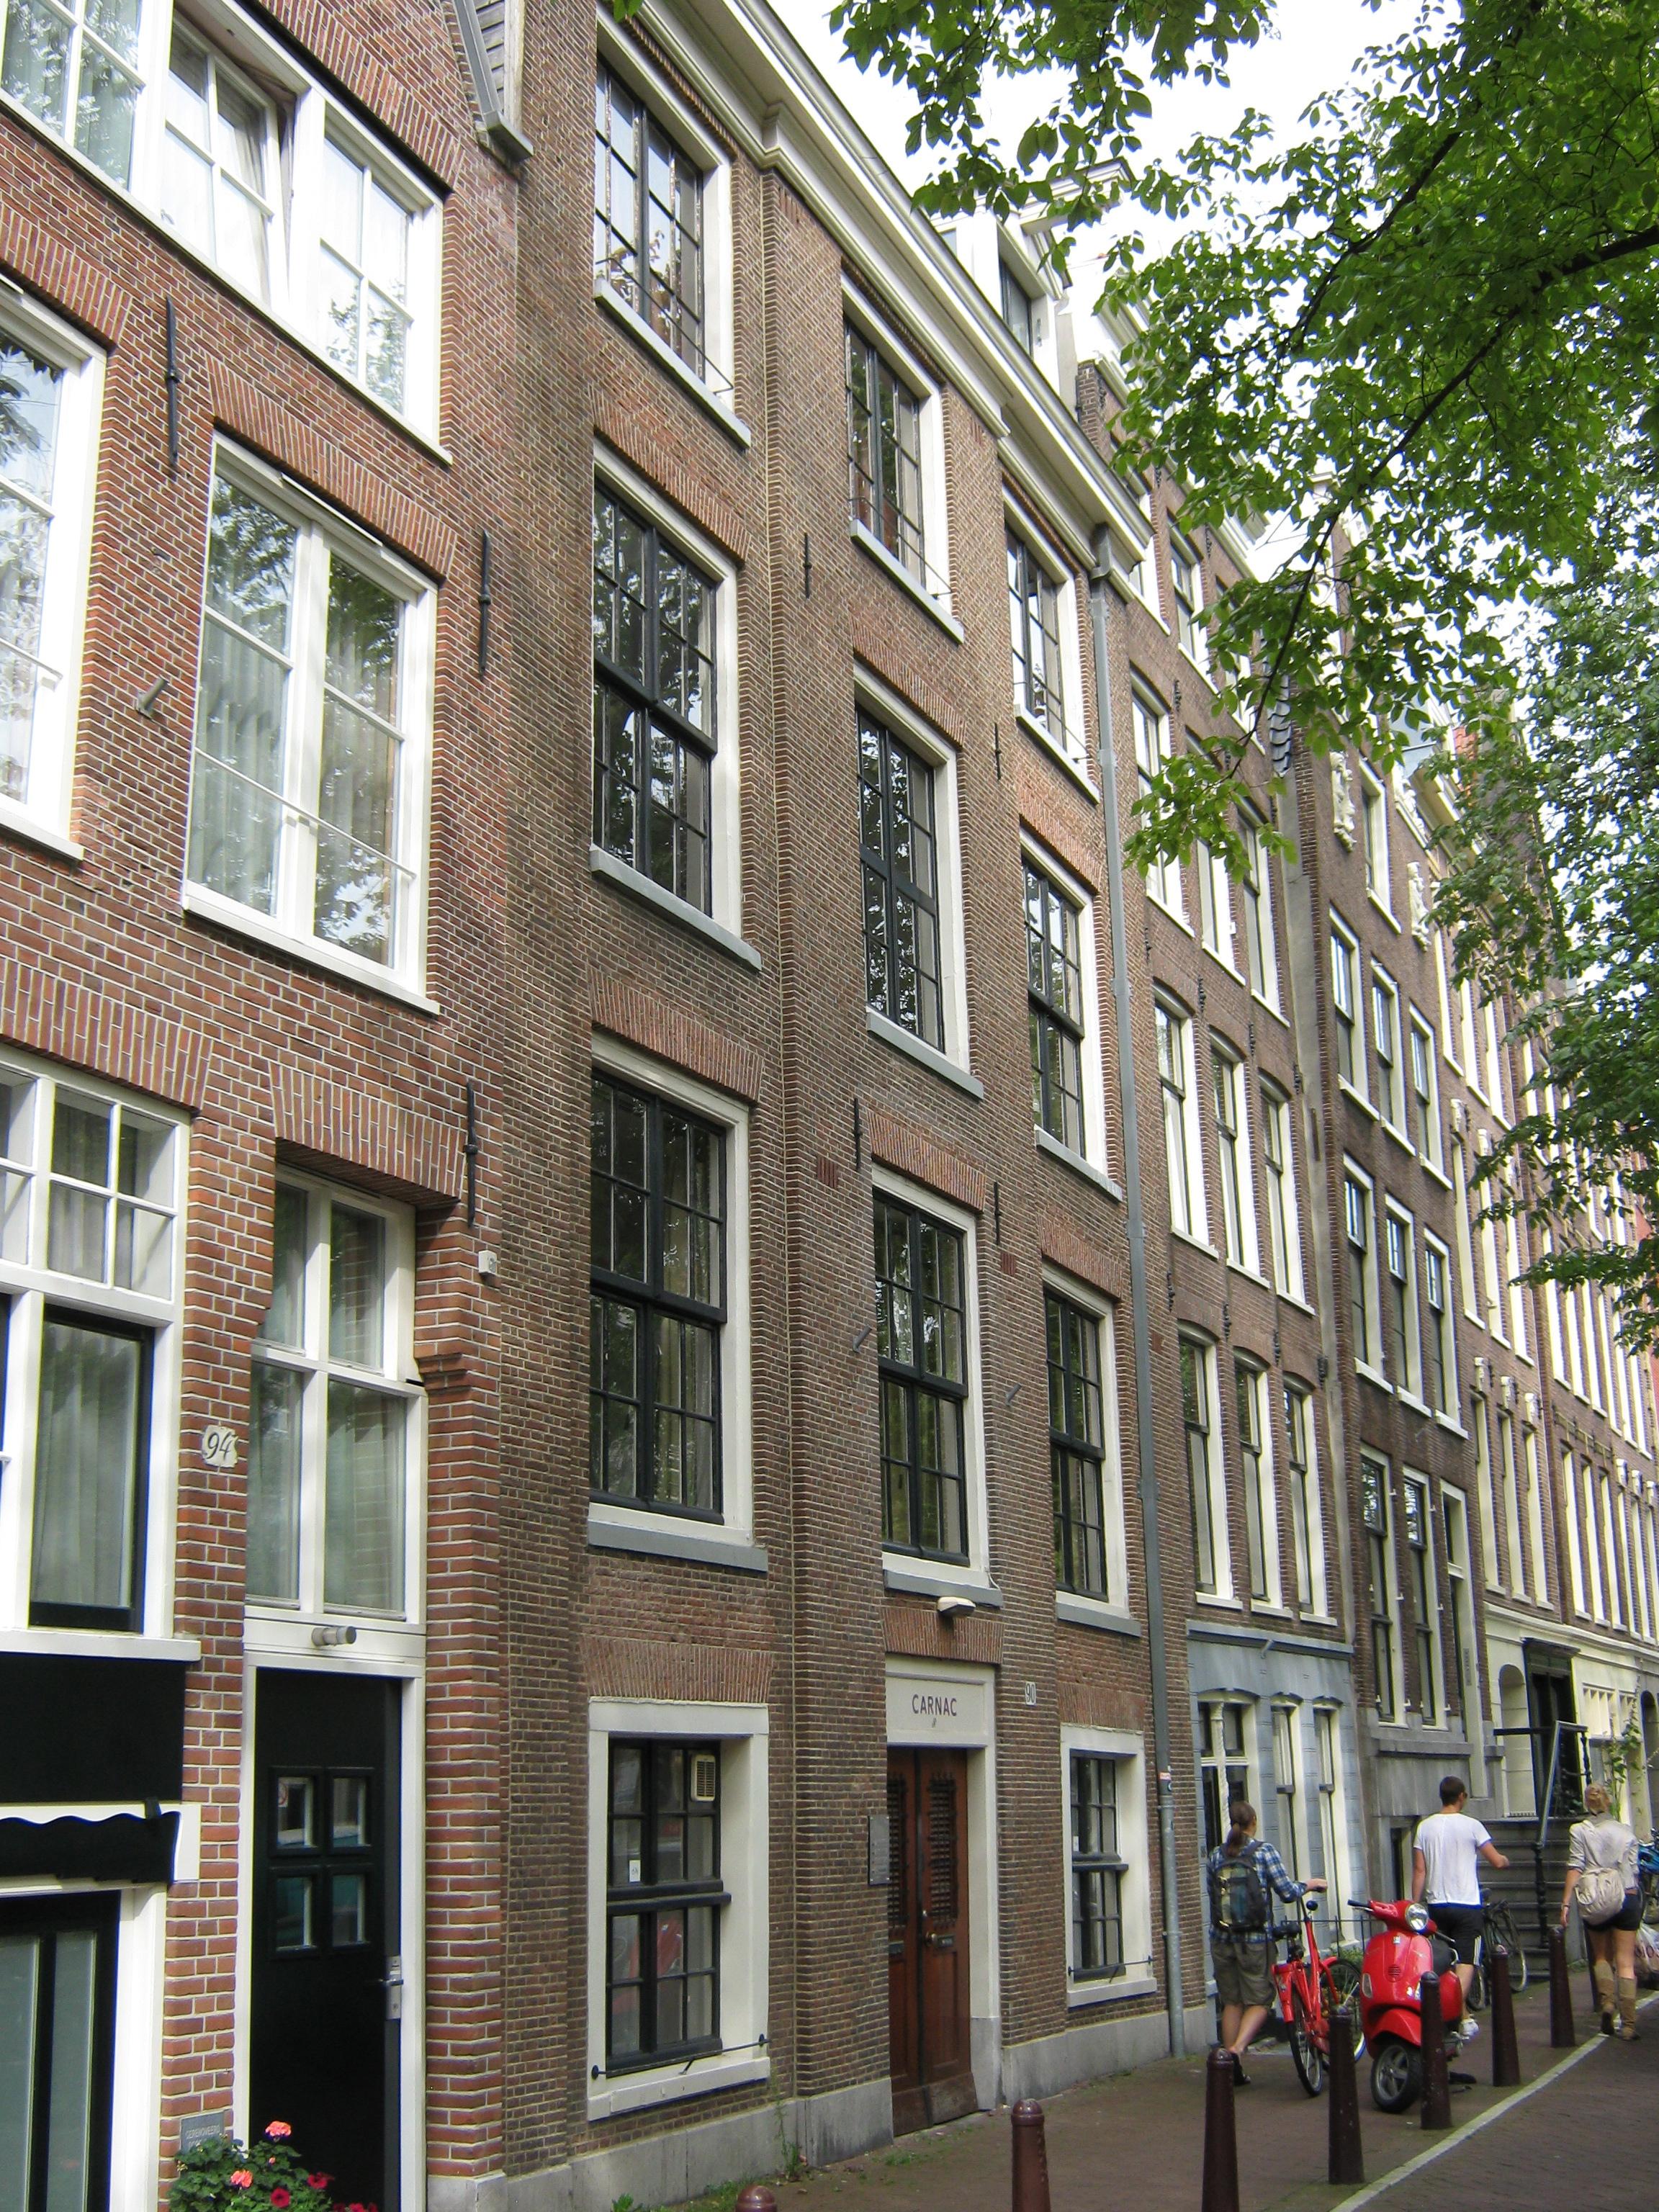 Breed huis van drie vensterassen met gevel onder rechte for Lijst inrichting huis